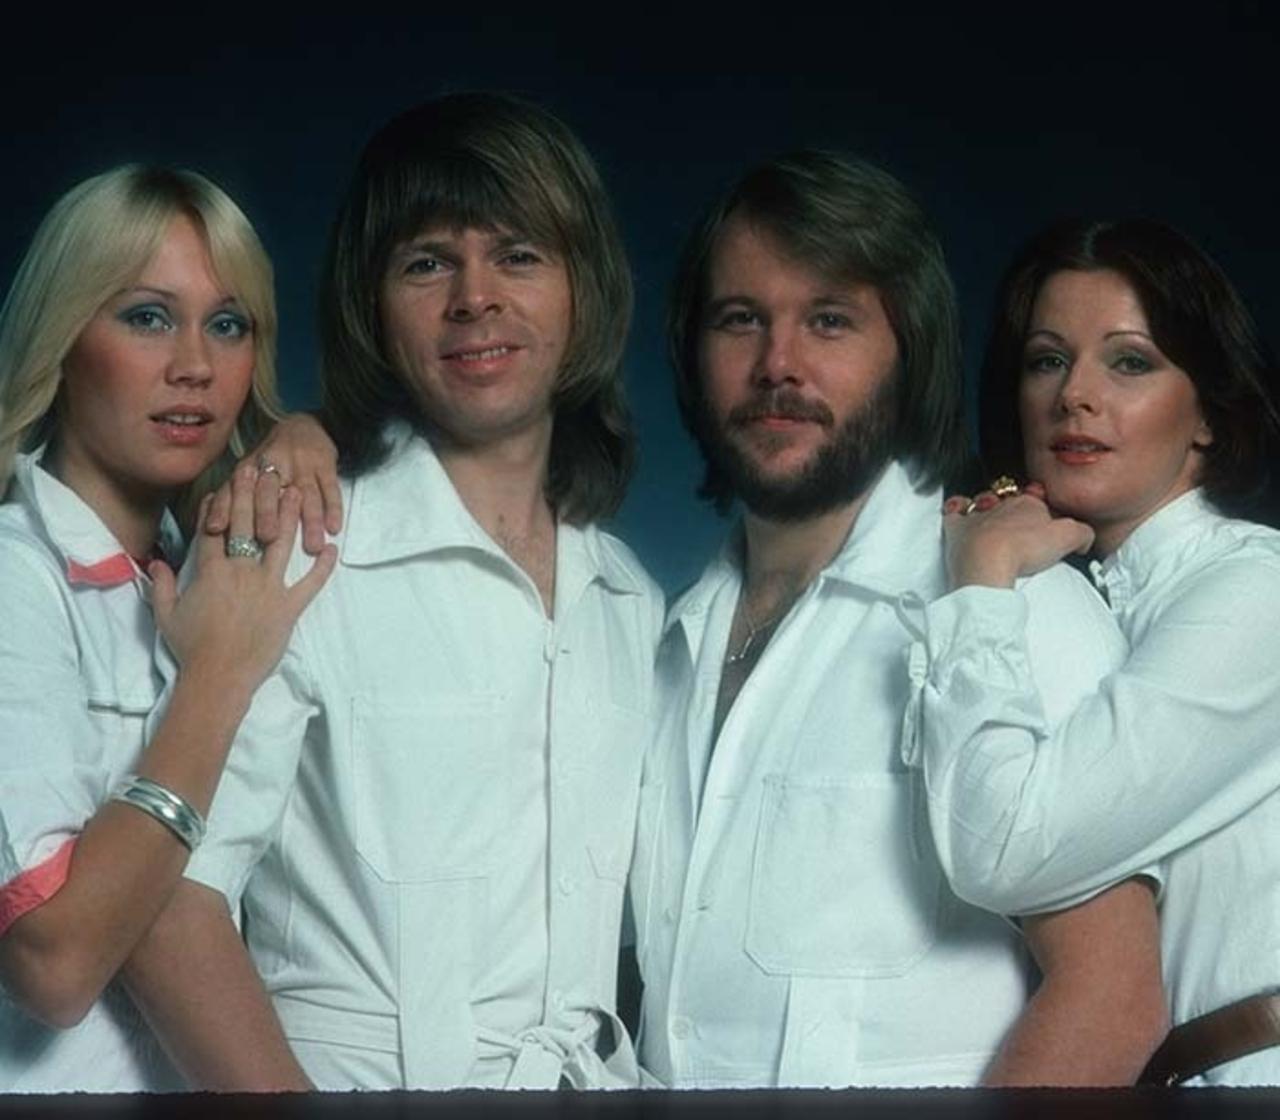 ¡Mamma mia! ABBA regresa: lanza disco luego de 40 años